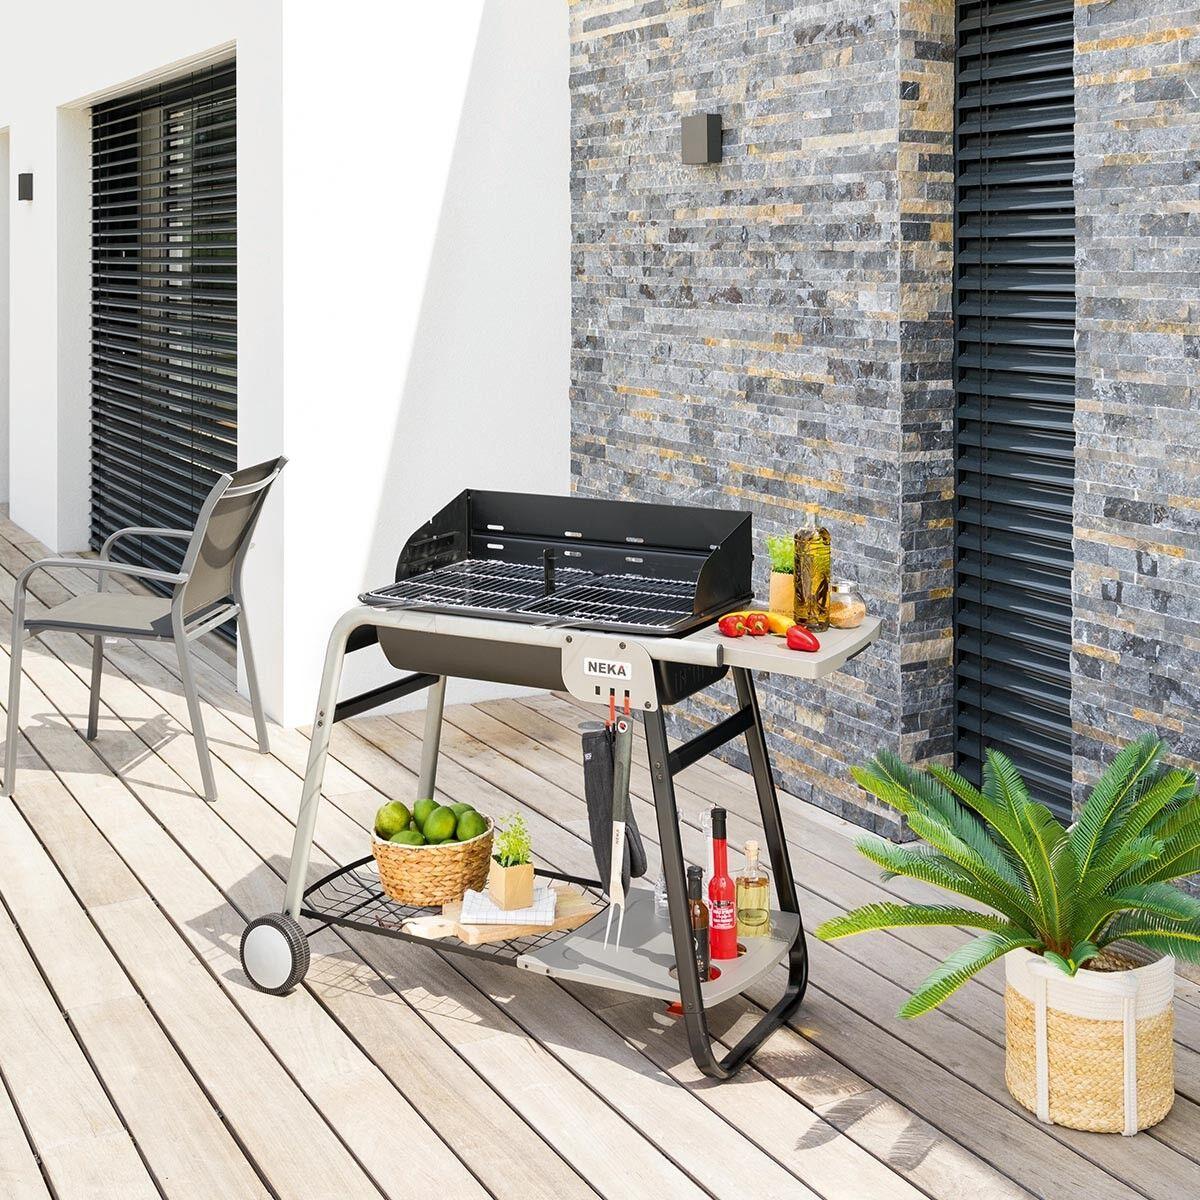 NEKA Barbecue à charbon Azur pro Jardin L. 120 cm - Acier